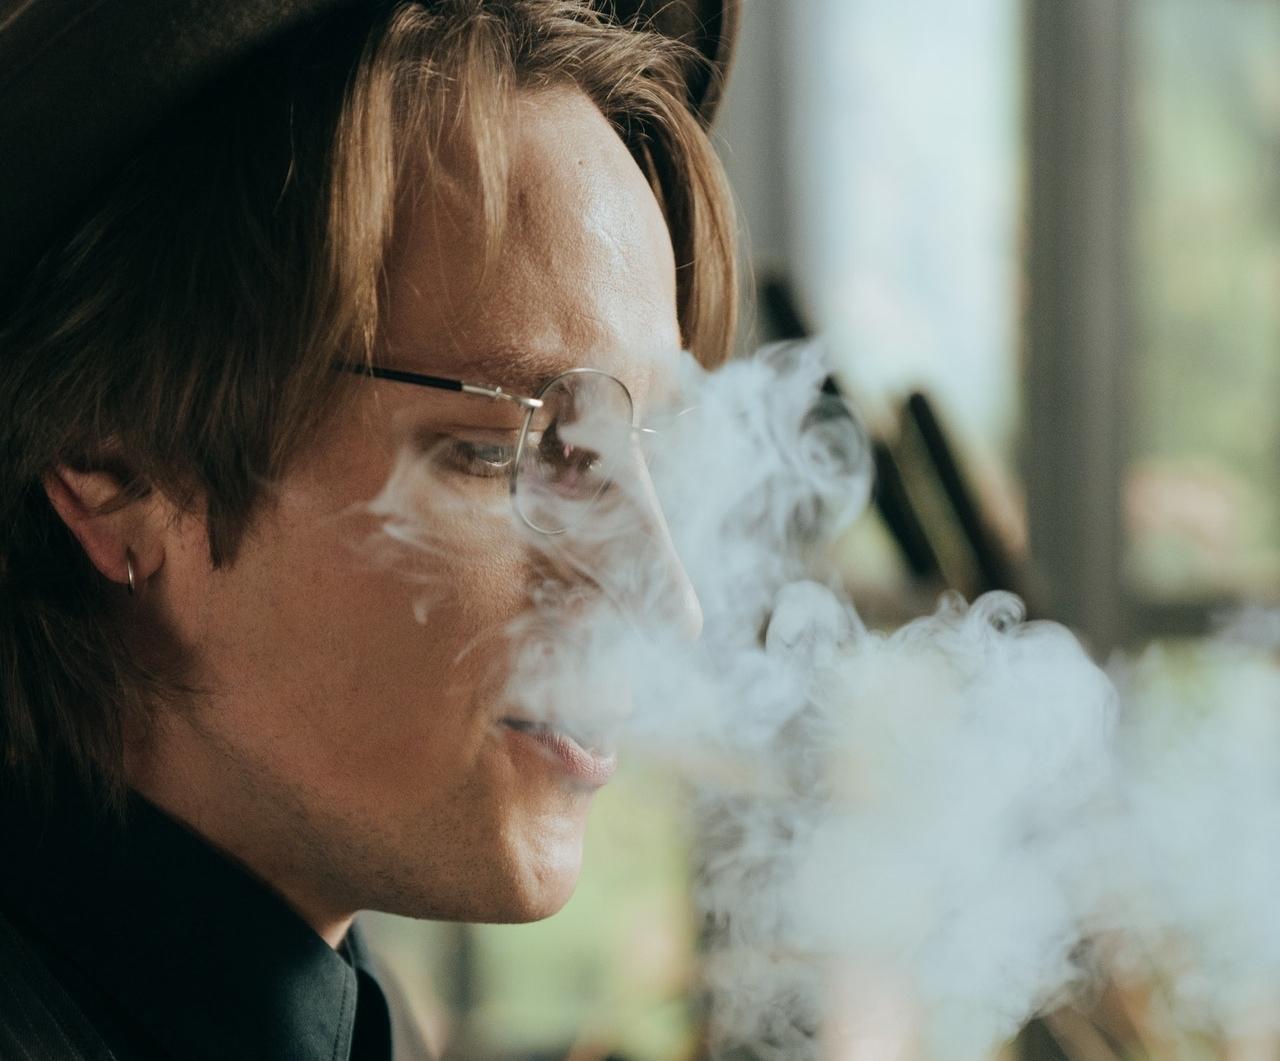 พอท บุหรี่ไฟฟ้า